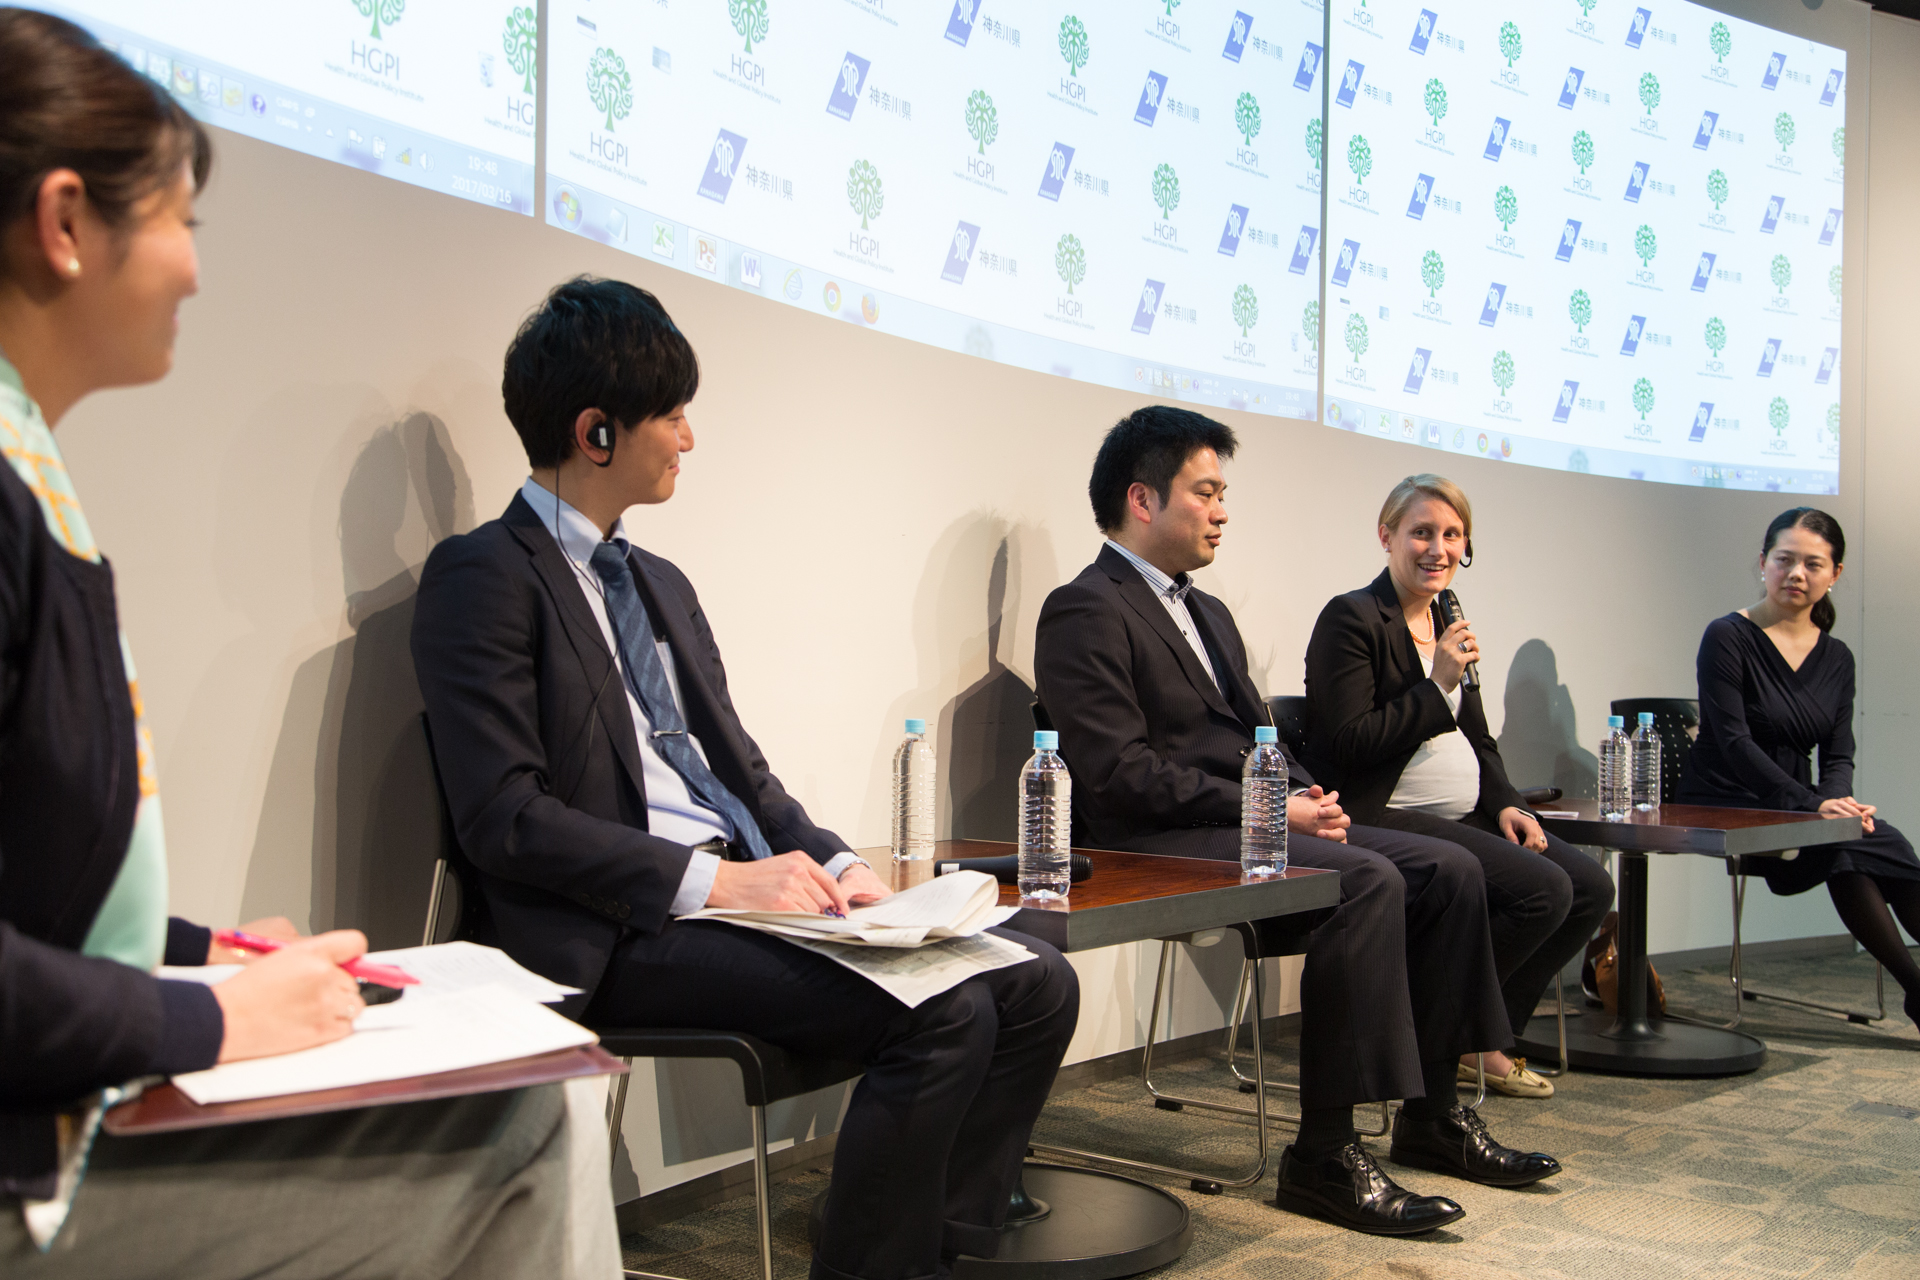 【開催報告】神奈川県メディカル・イノベーションスクール イブニング・セミナー ~ヘルスケア領域におけるイノベーション人材のキャリア形成について~(2017年3月16日)